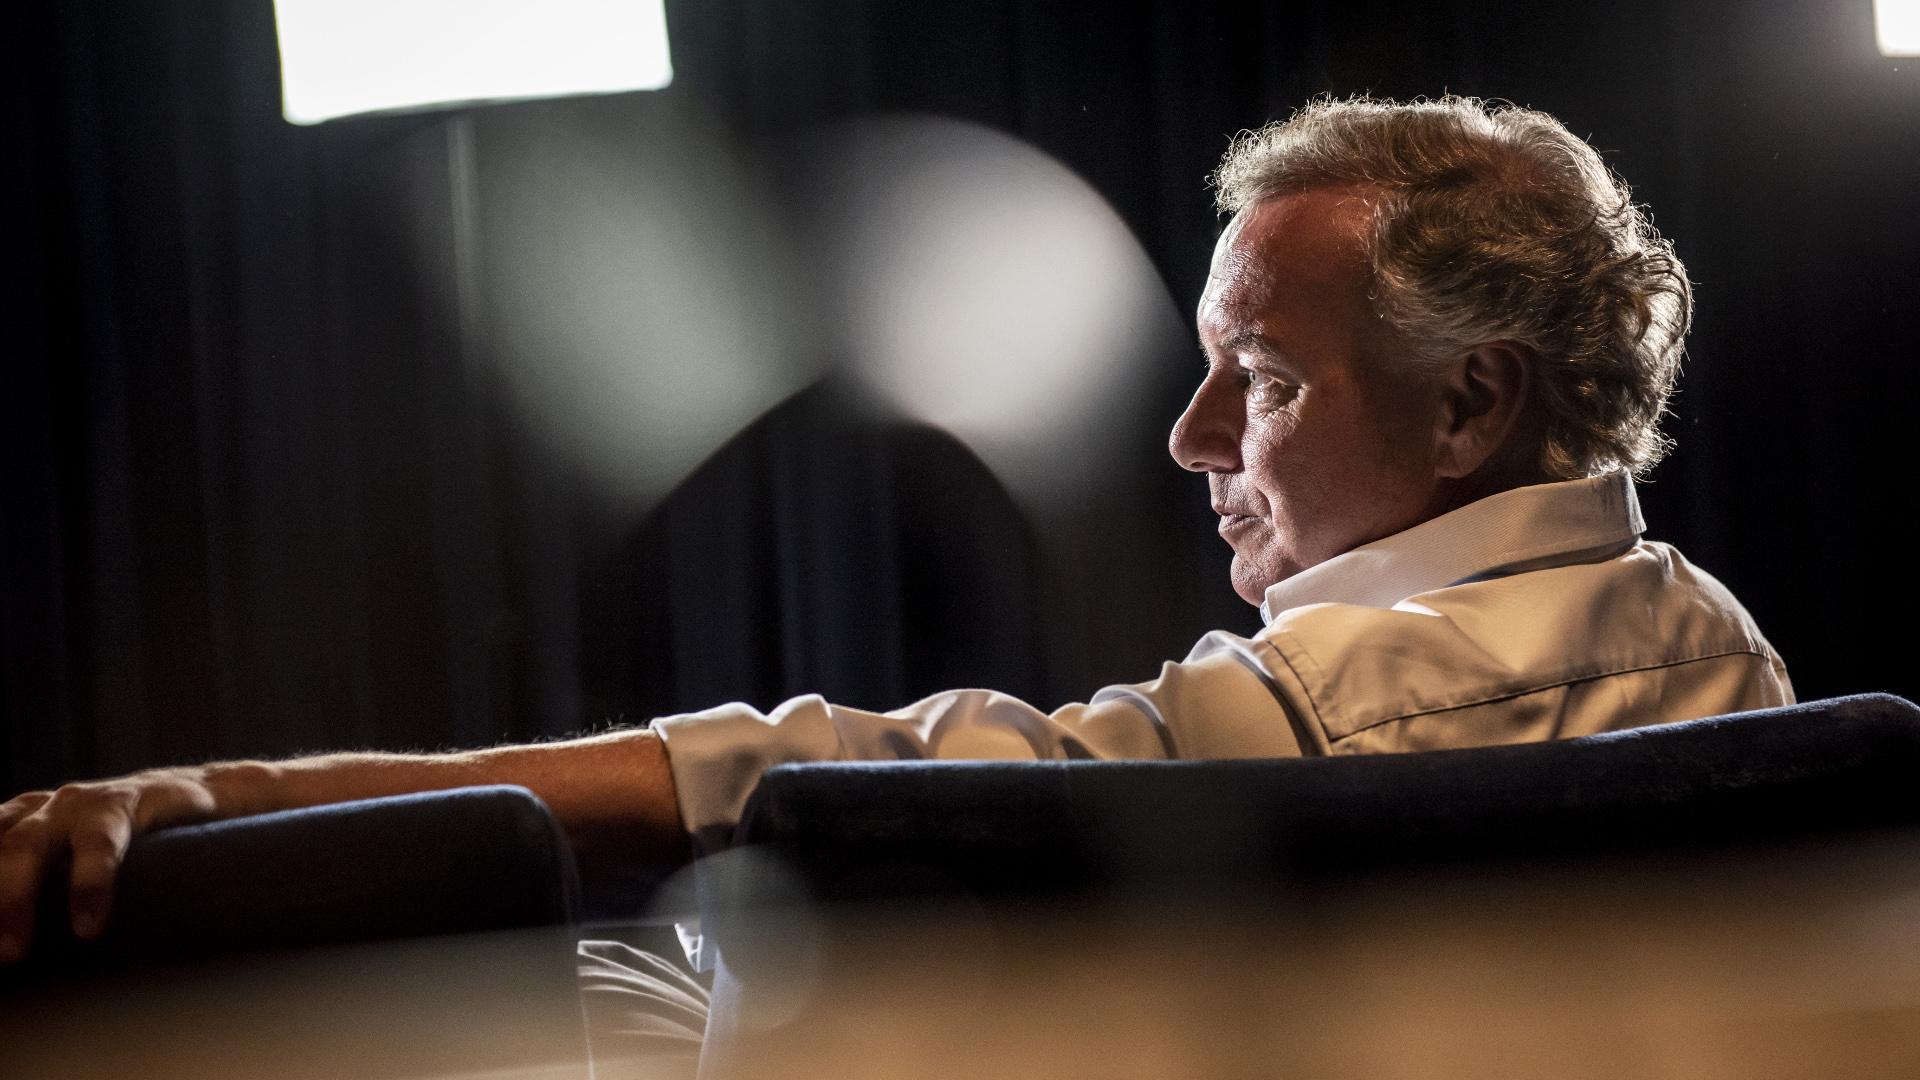 """""""Raubbau an den eigenen Kräften"""": Ufa-Chef Nico Hofmann über sein Leben als Filmemacher"""